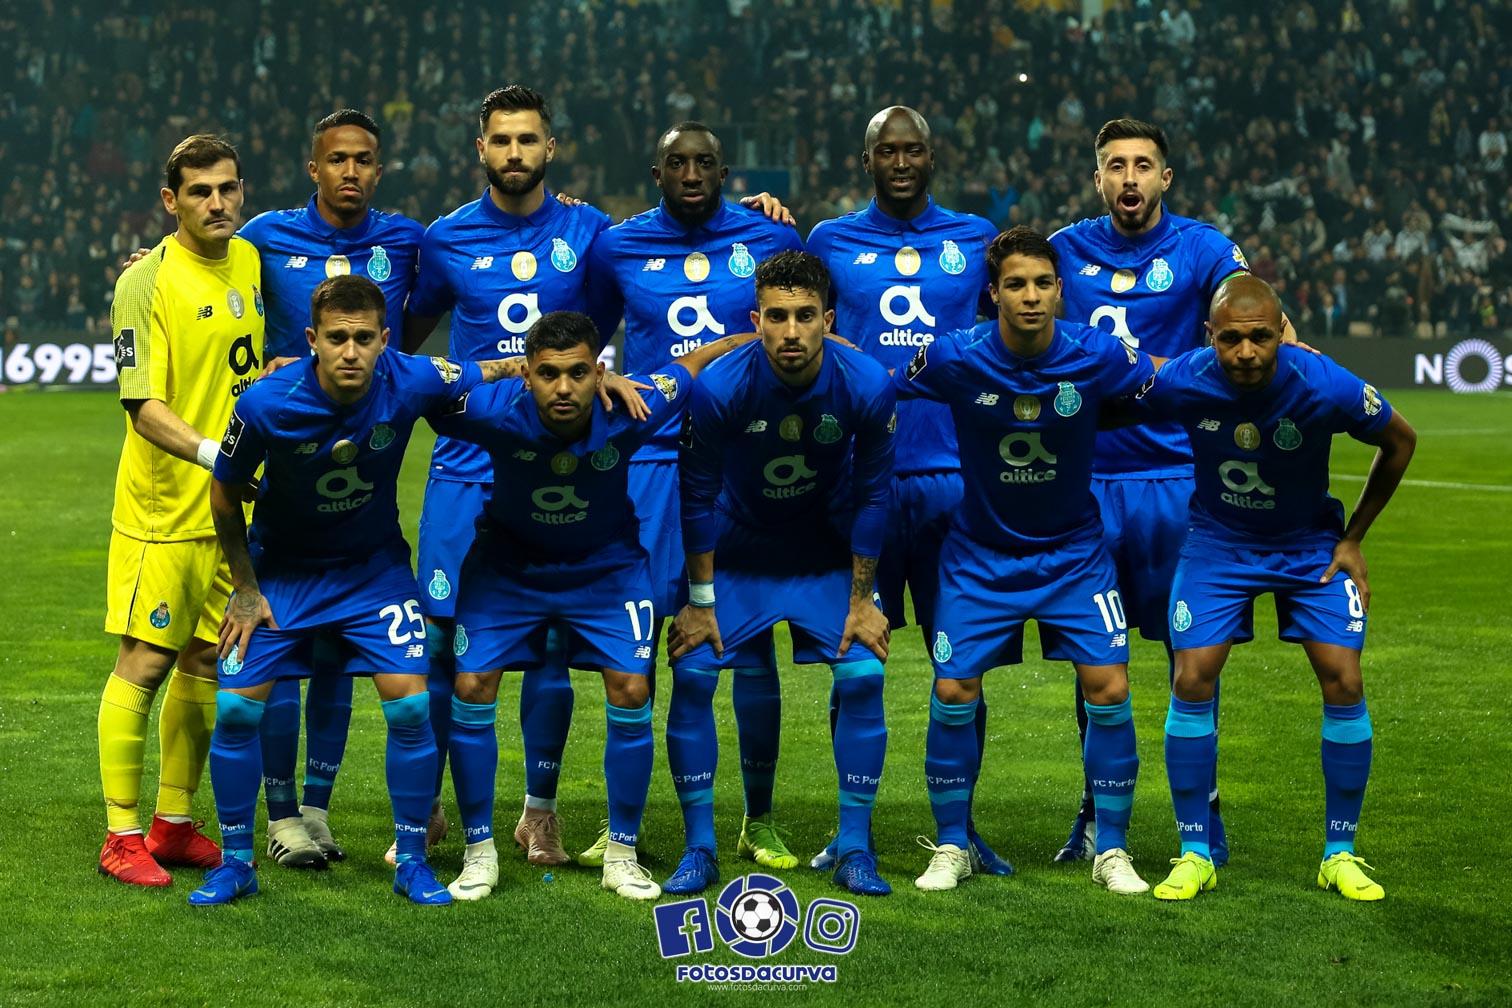 Boavista 0 - F.C.Porto 1. Hernâni evitou um crime de lesa futebol 245267cf3e2c0